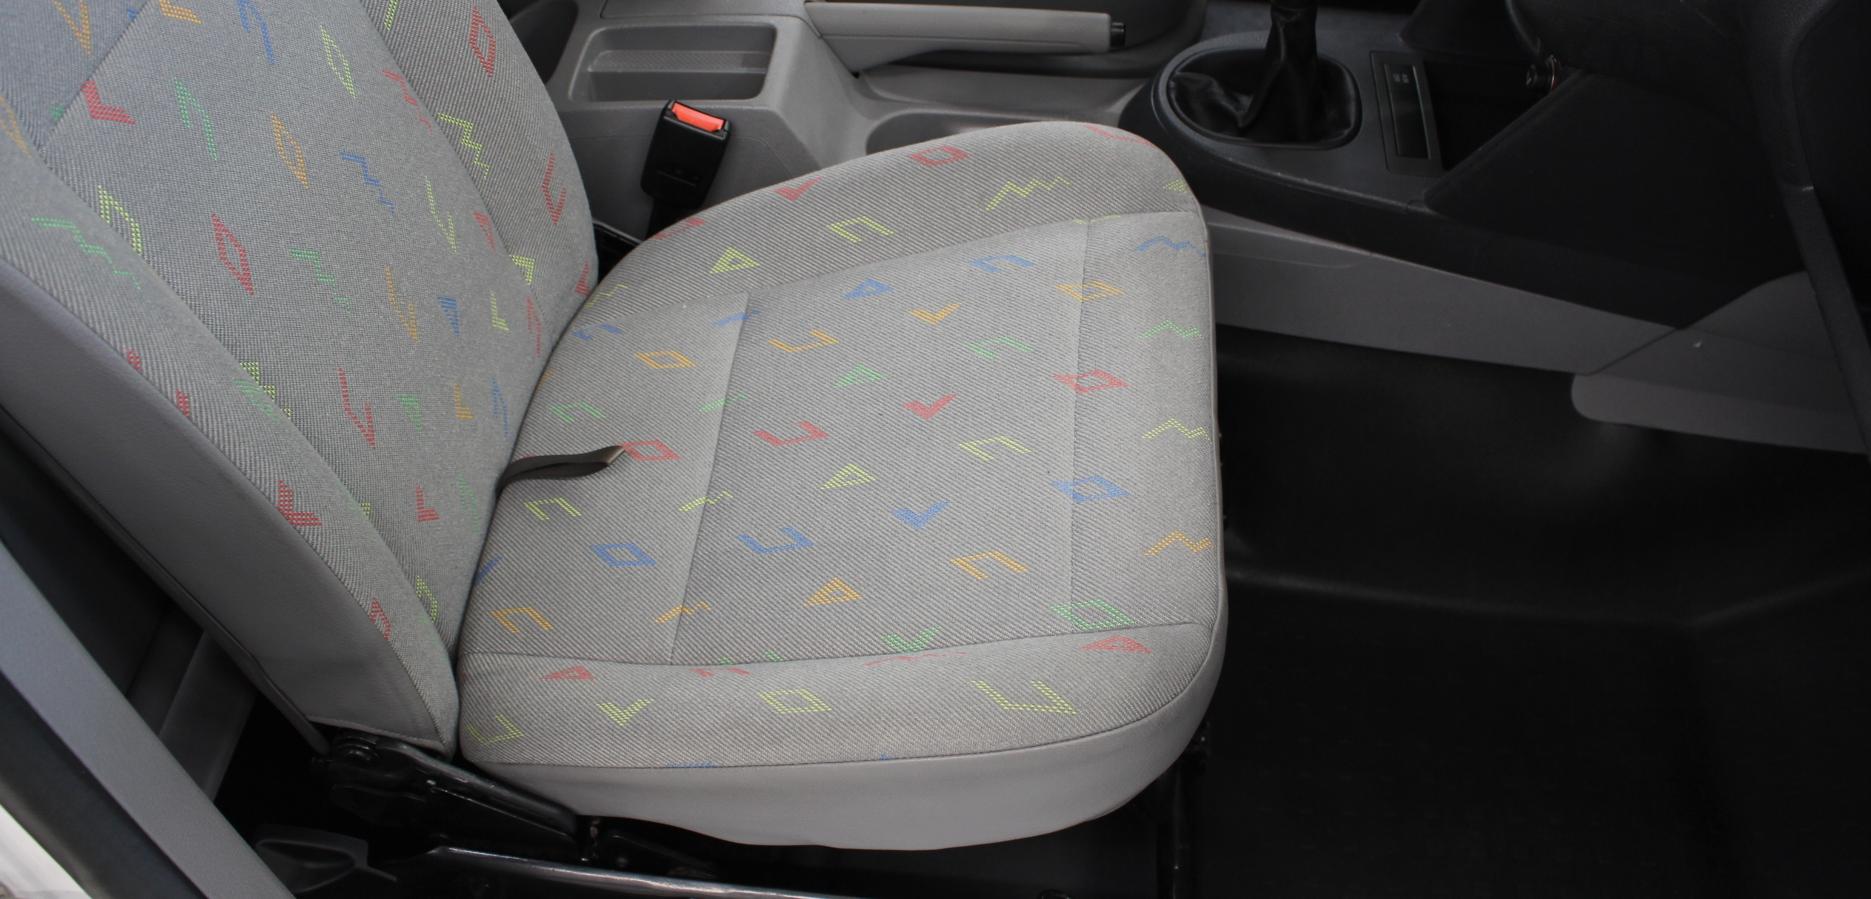 Beifahrersitz nach der Aufbereitung (ohne Sitzbezug)